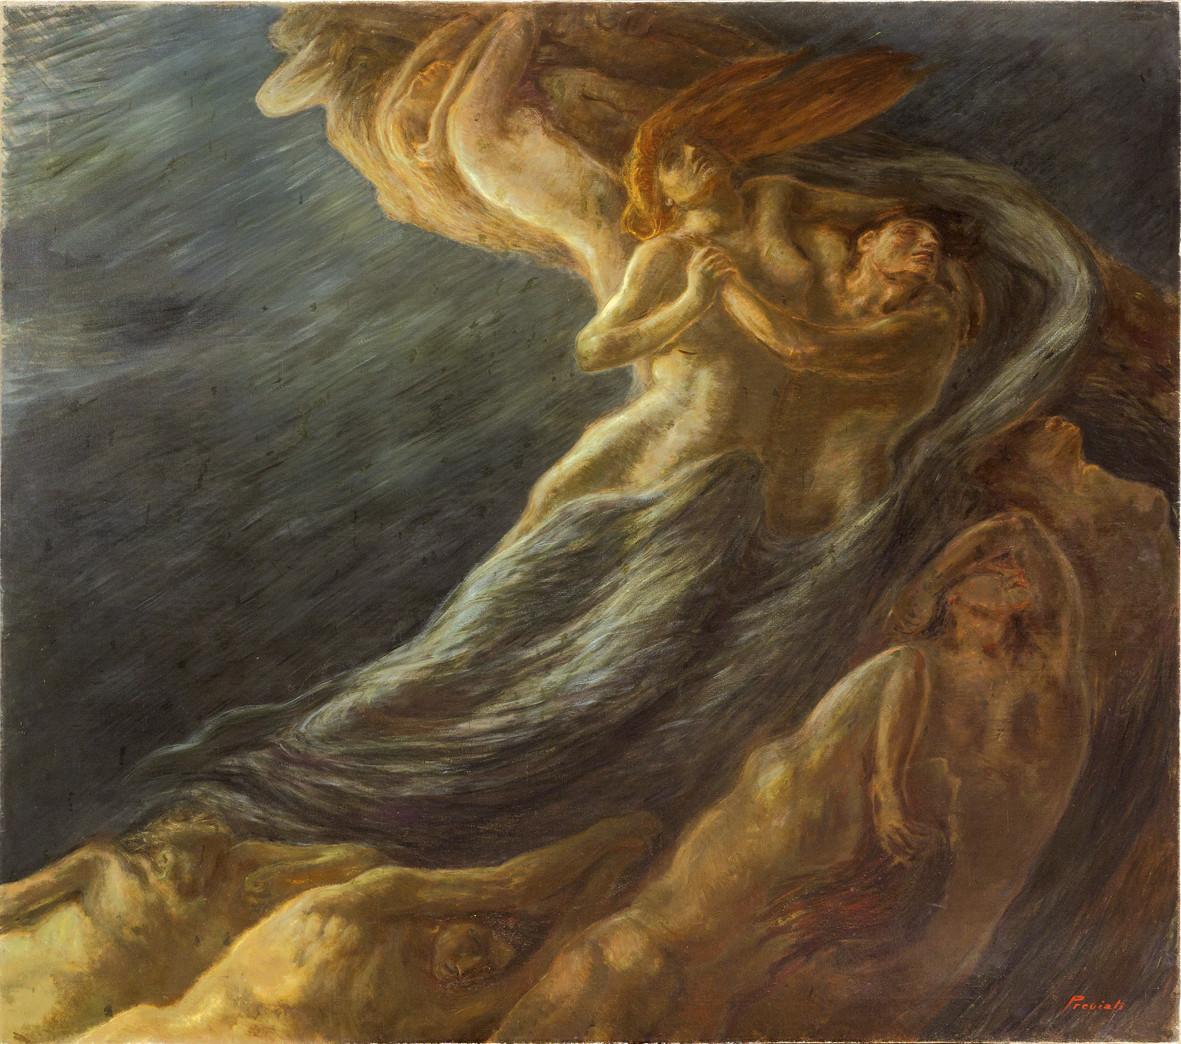 Gaetano Previati, Paolo e Francesca nel vortice infernale